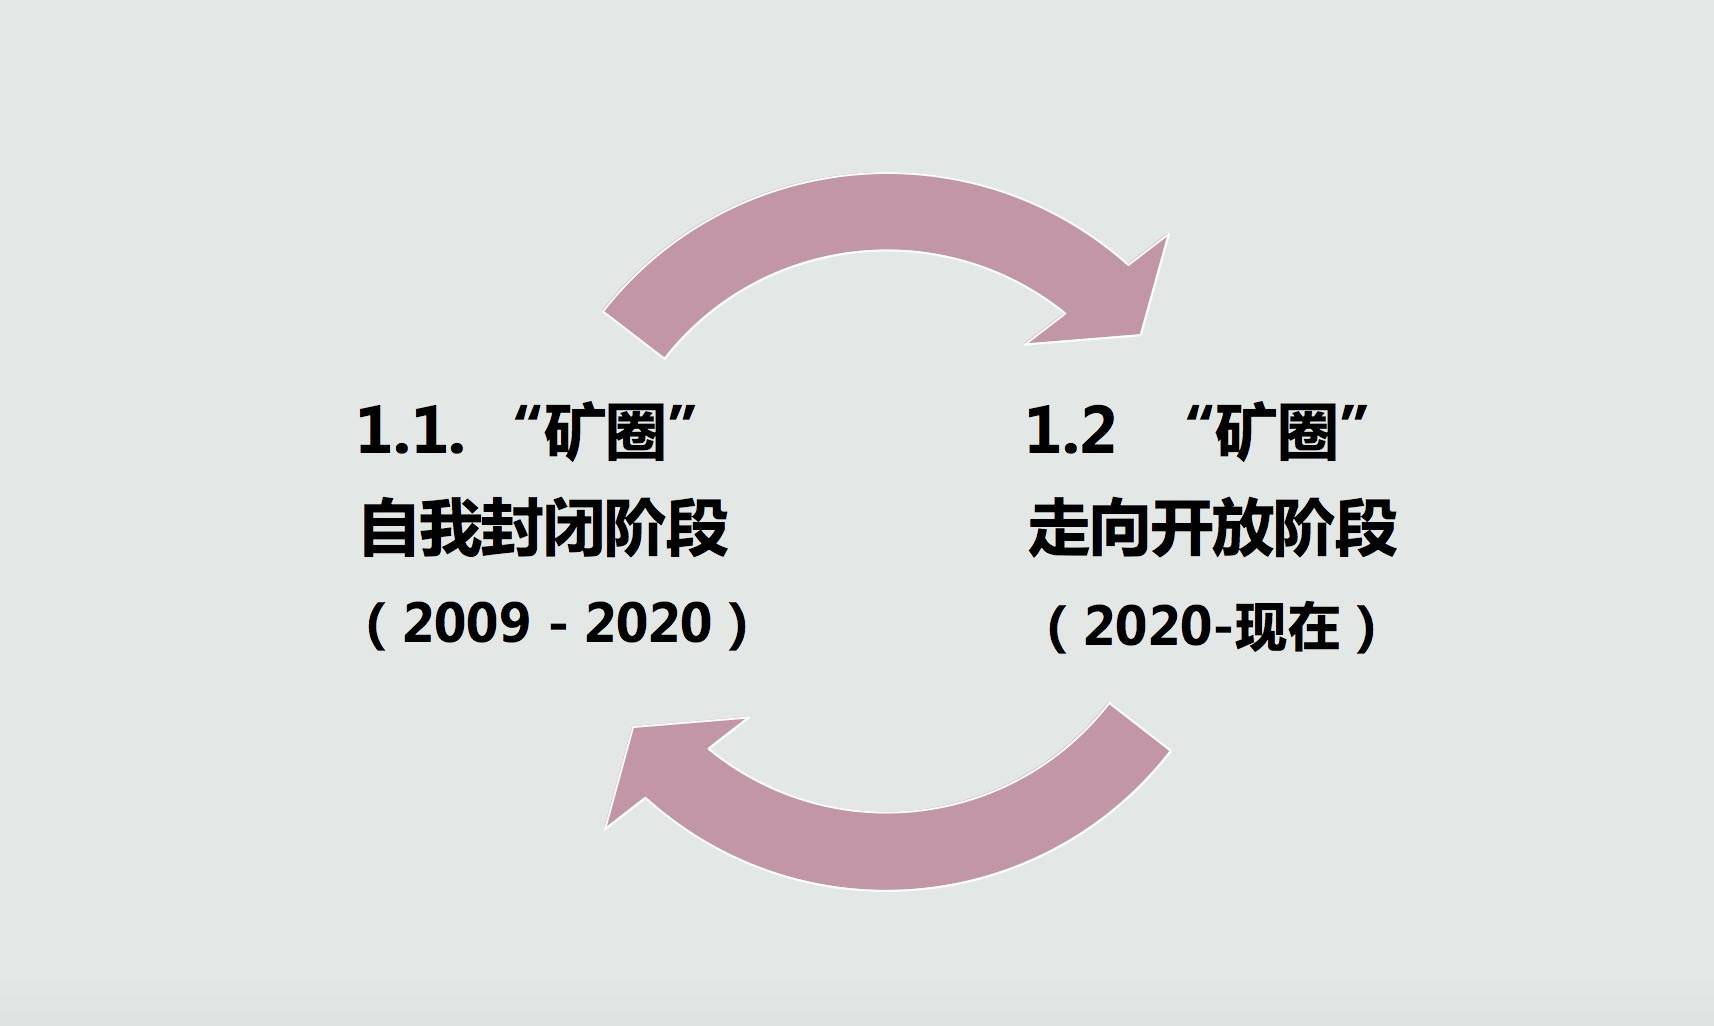 全球算力大会 | 朱嘉明:算力产业正面临着一个十年的长周期